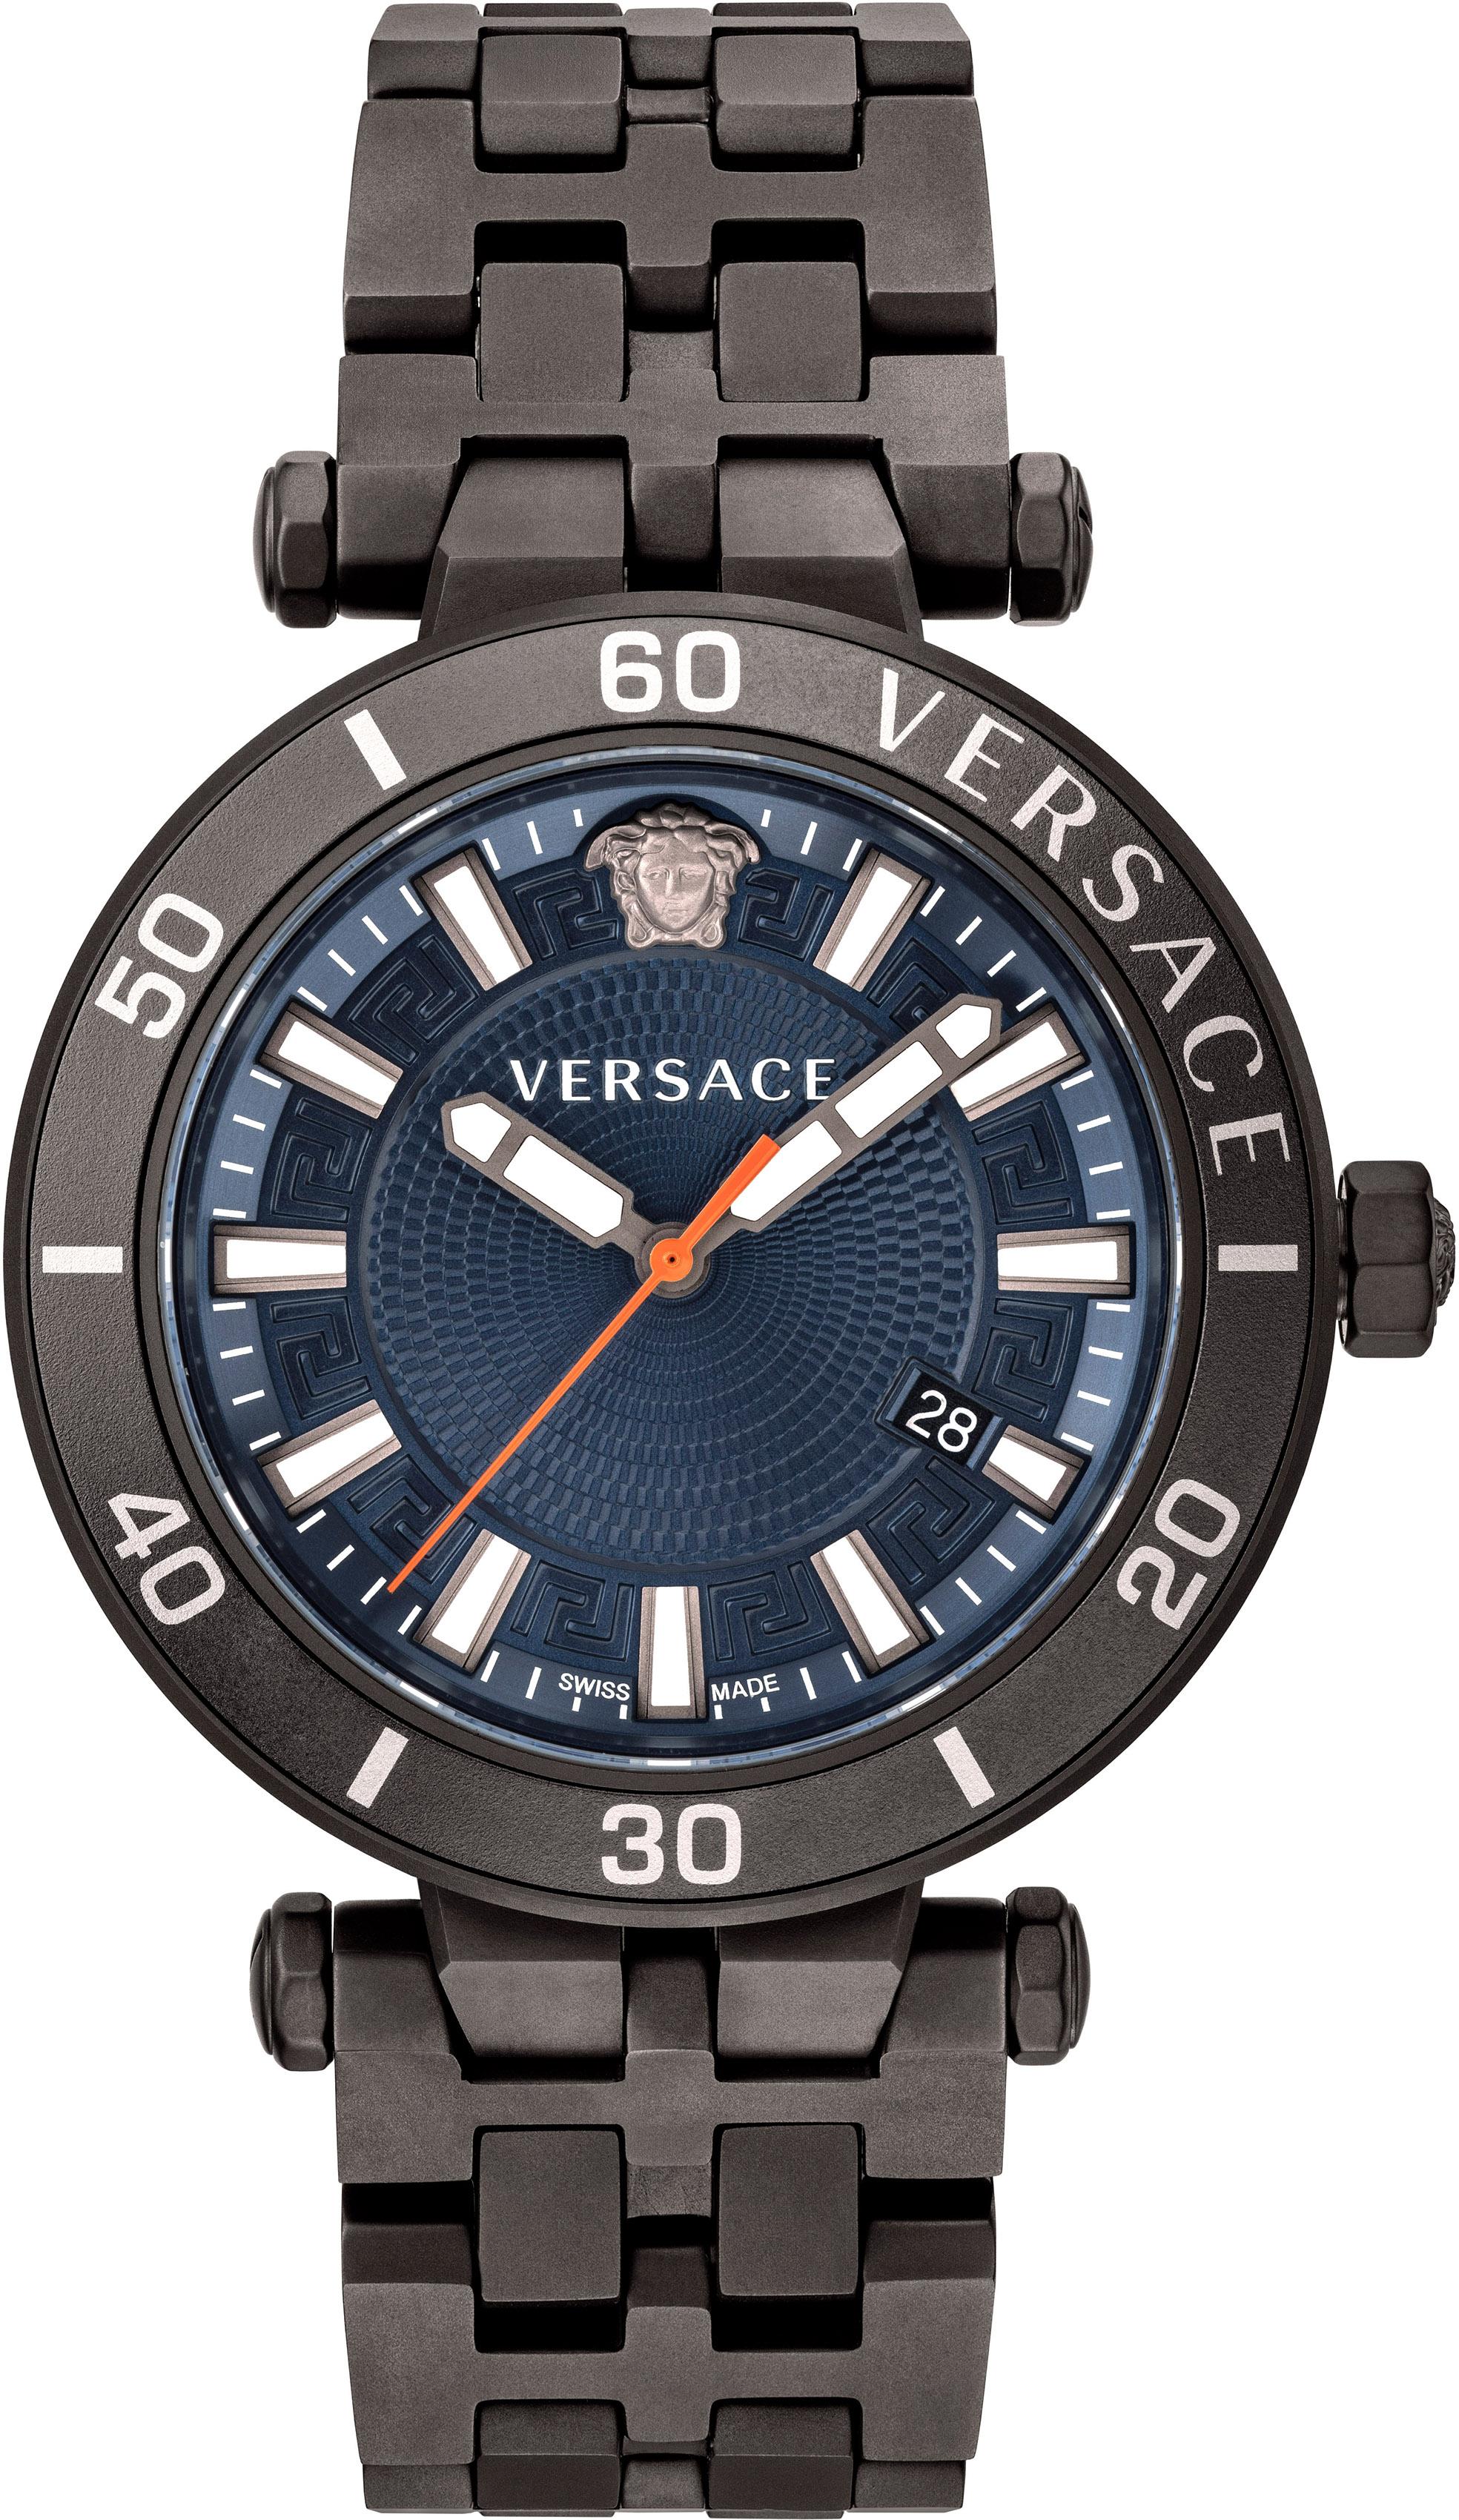 Versace Schweizer Uhr GRECA SPORT, VEZ300621 günstig online kaufen